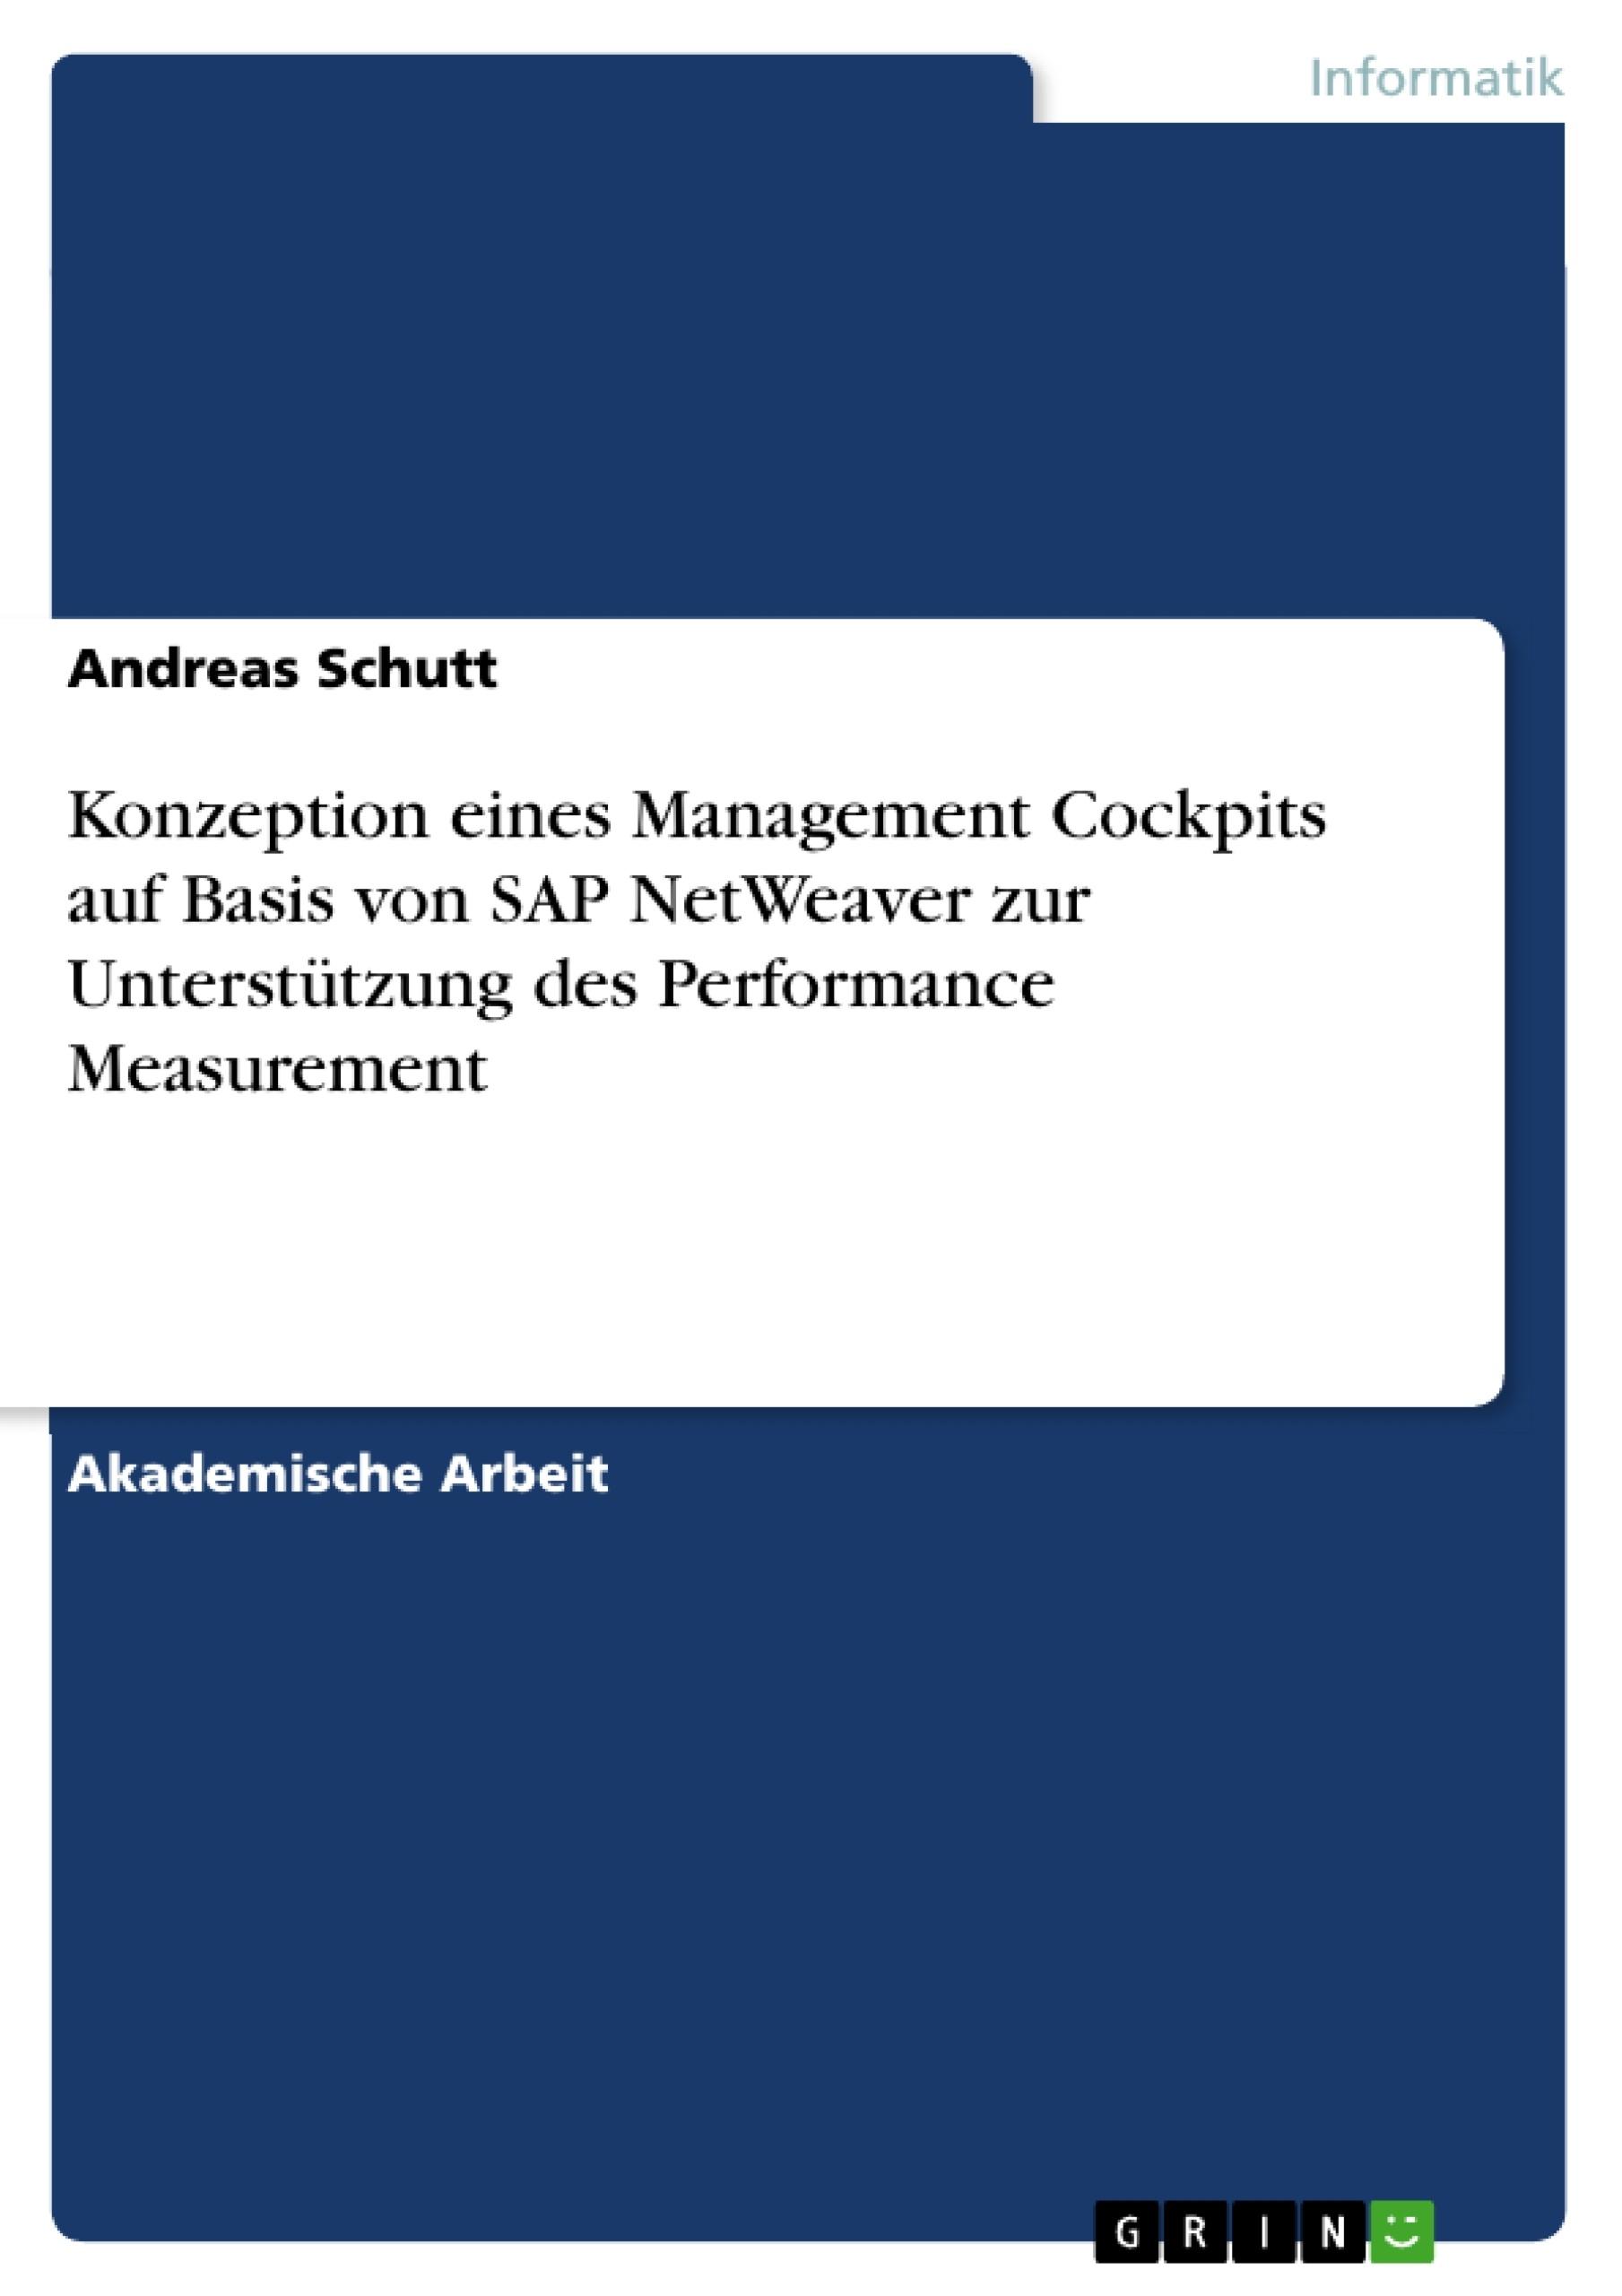 Titel: Konzeption eines Management Cockpits auf Basis von SAP NetWeaver zur Unterstützung des Performance Measurement